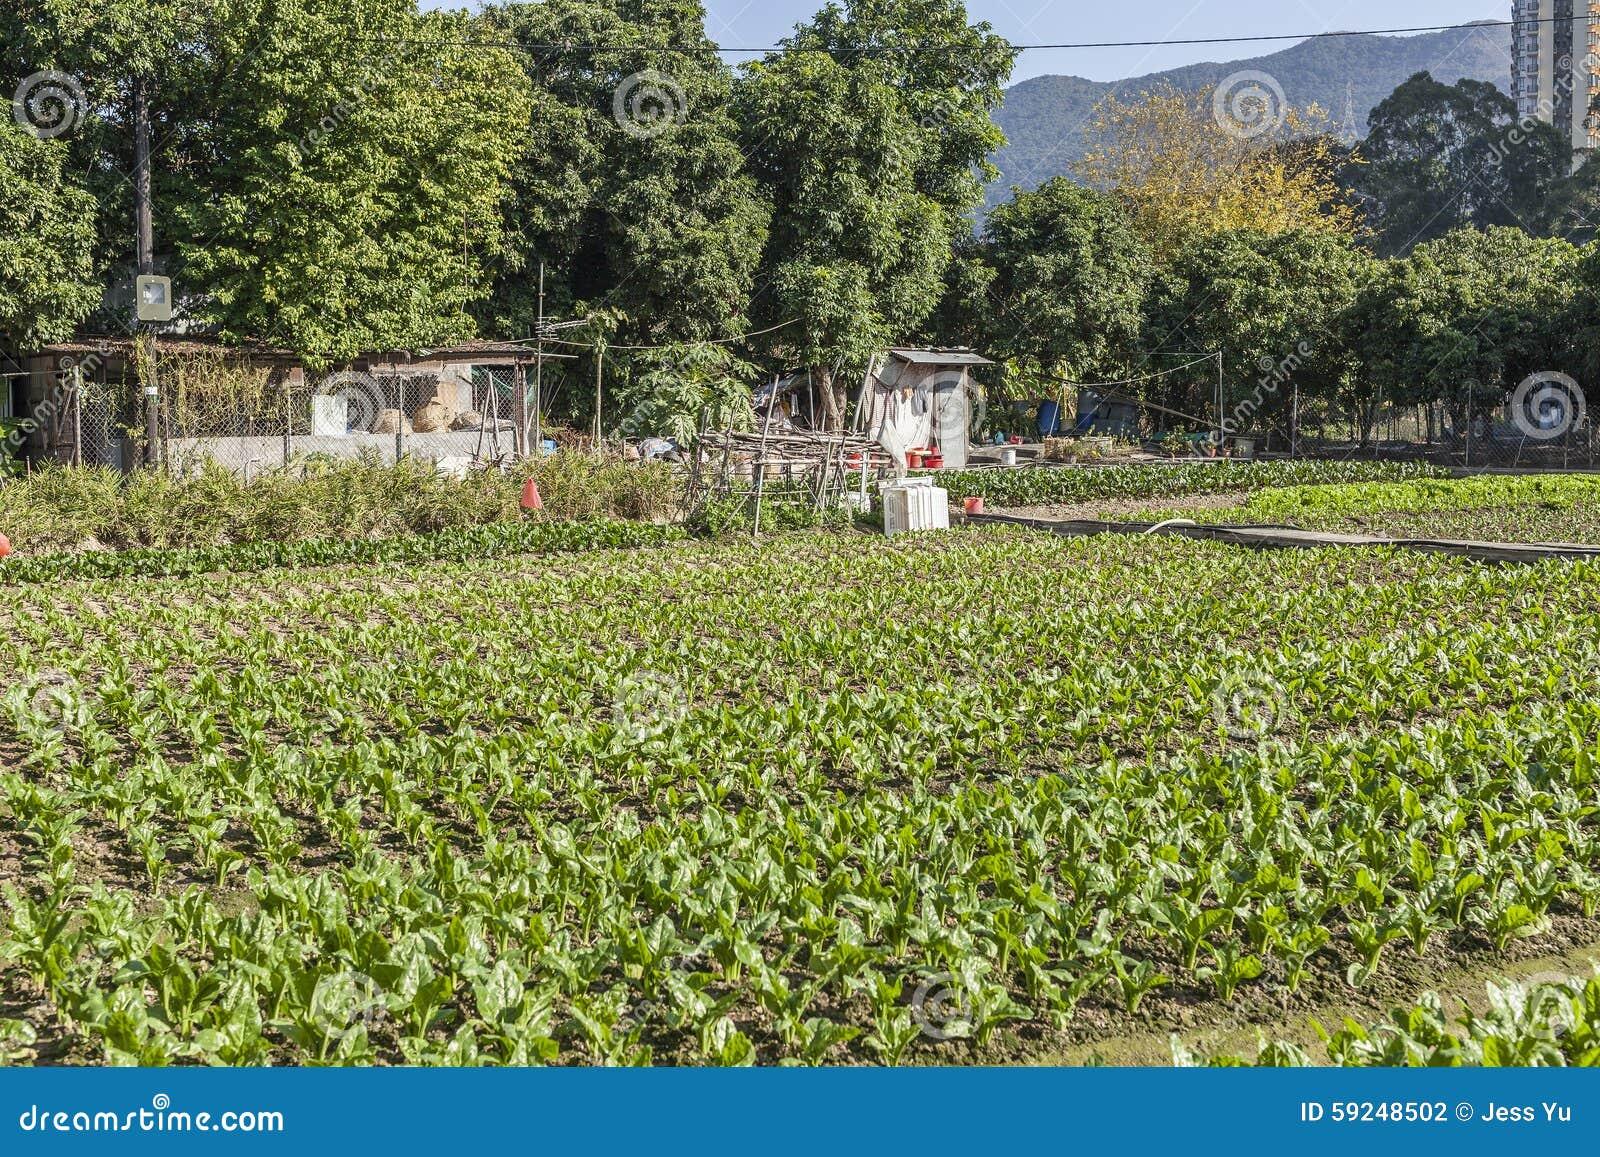 Filas de verduras en tierras de labrantío